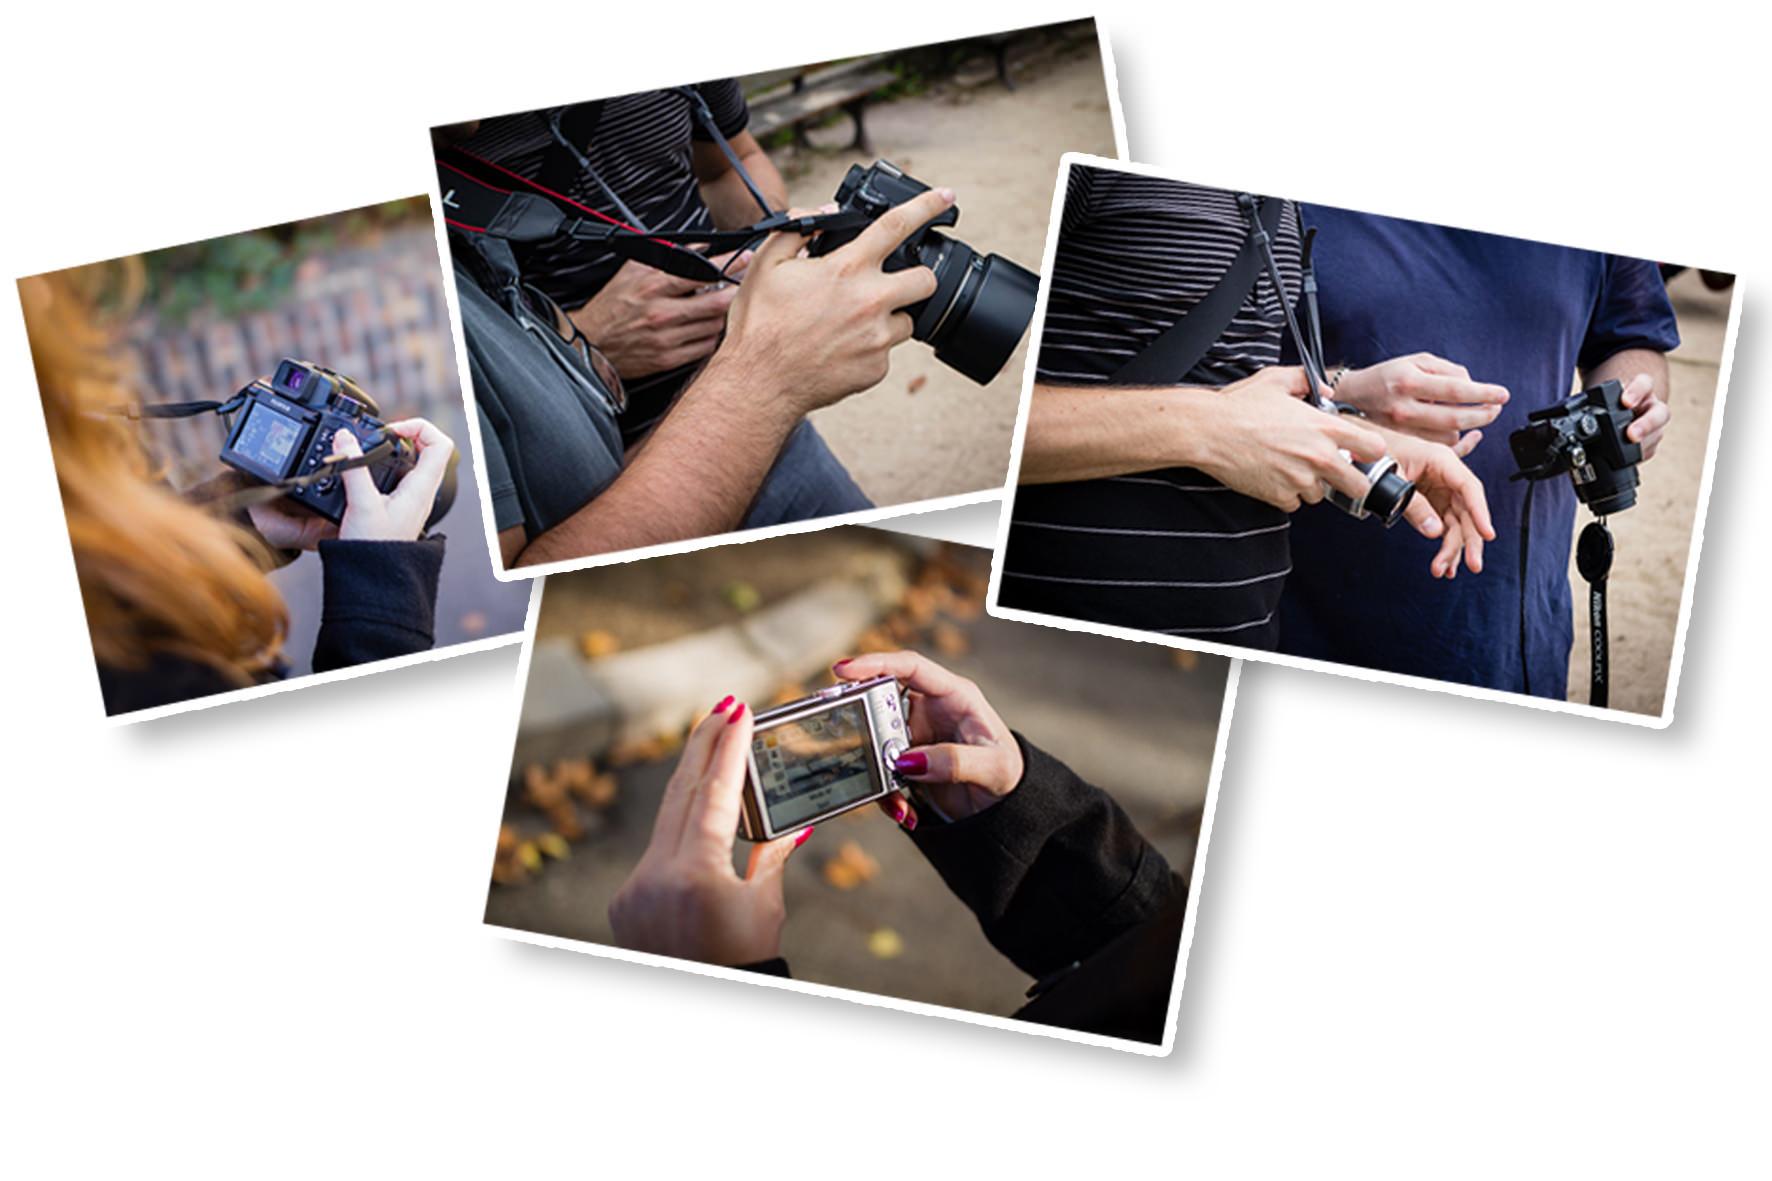 Apprenez à utiliser les modes expert de votre appareil photo avec Photomatth